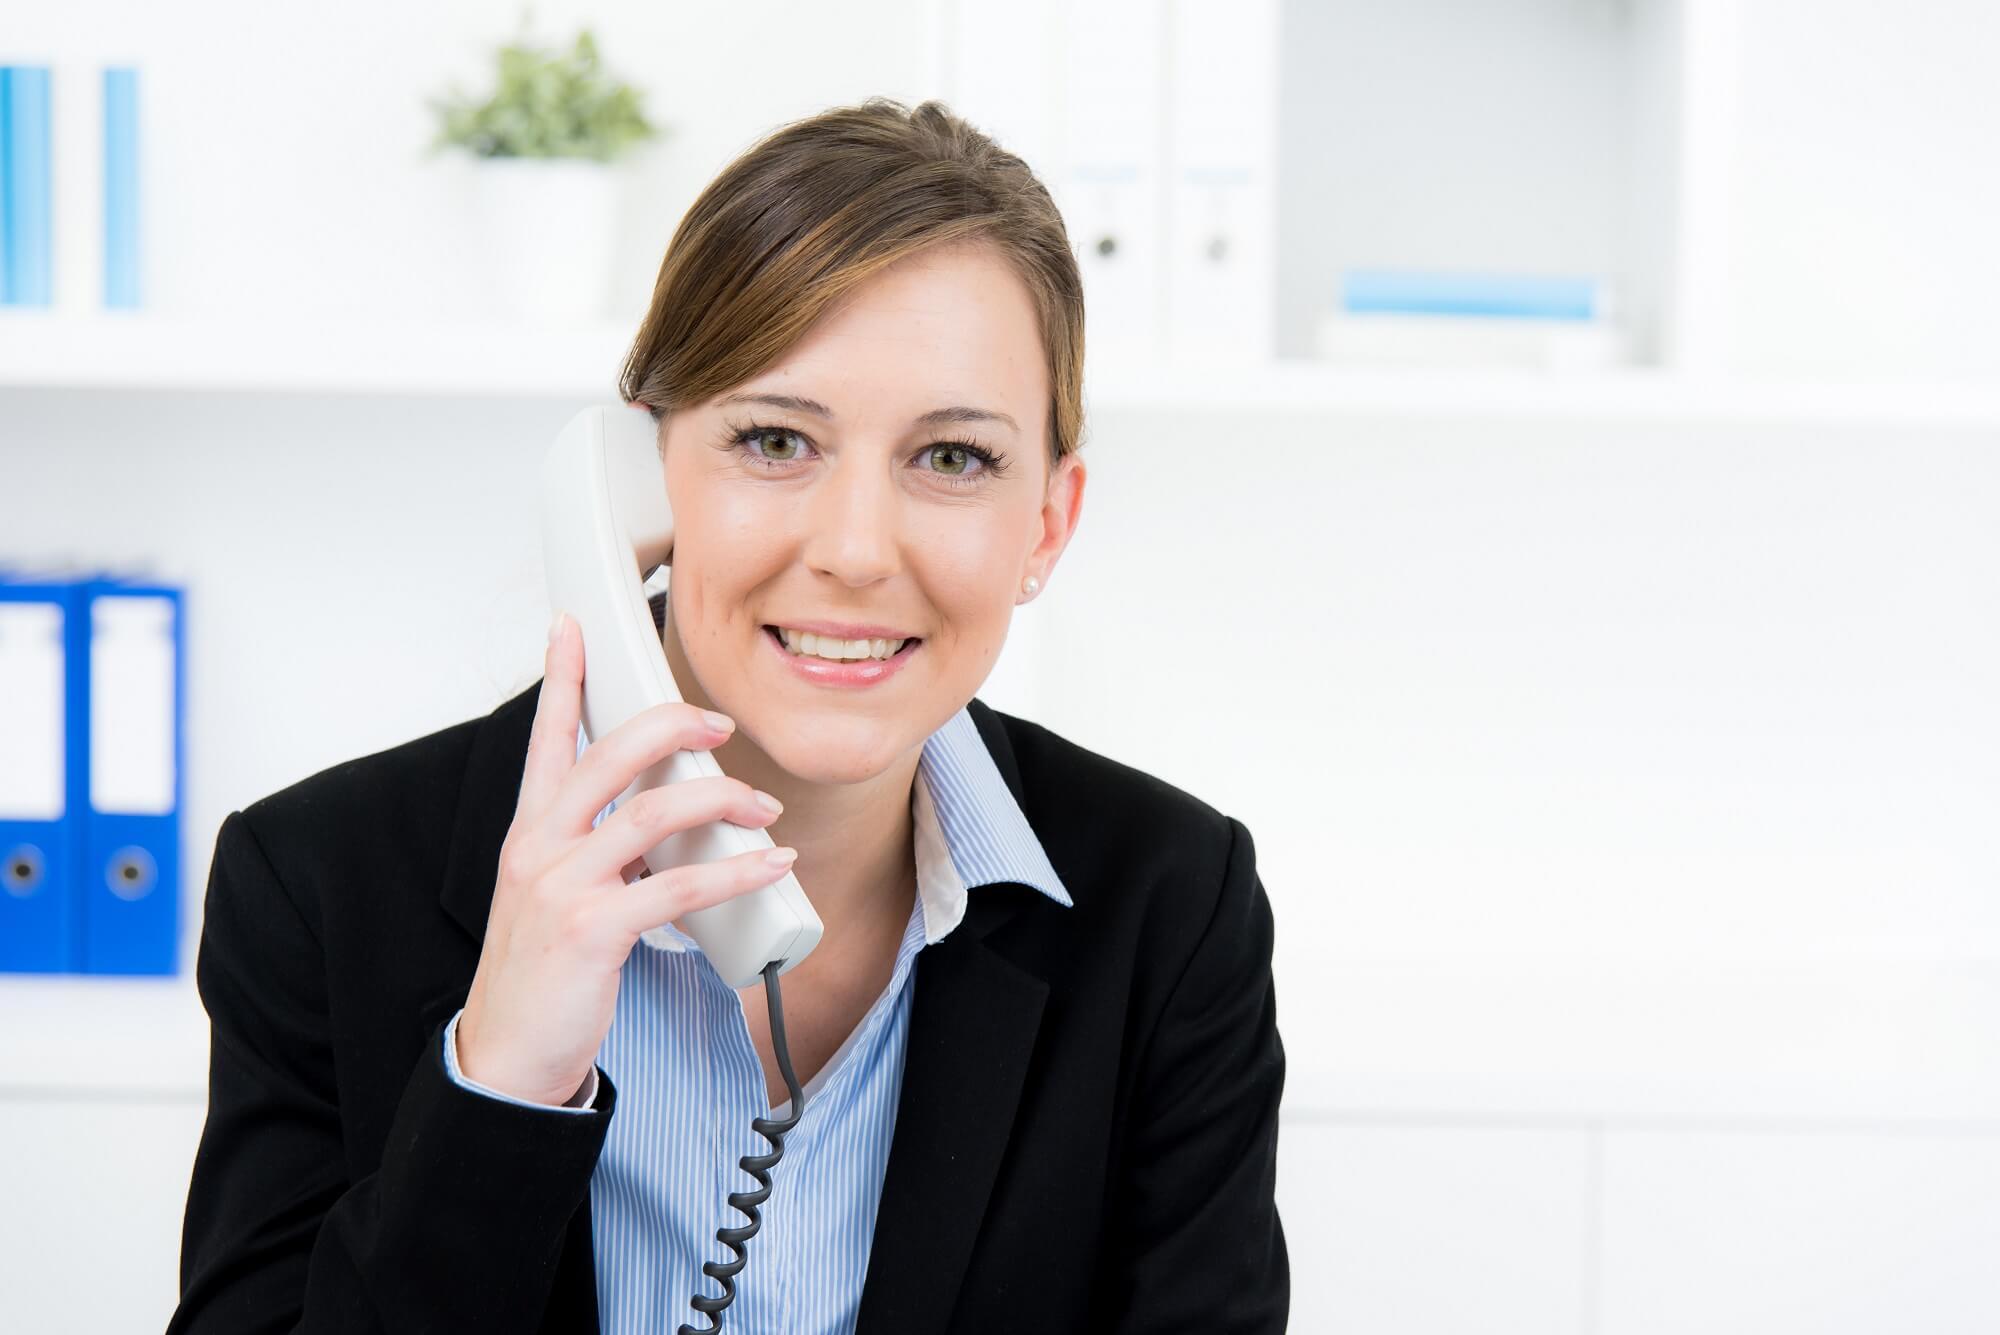 Eine freundliche Frau hat einen Telefonhörer in der Hand und telefoniert